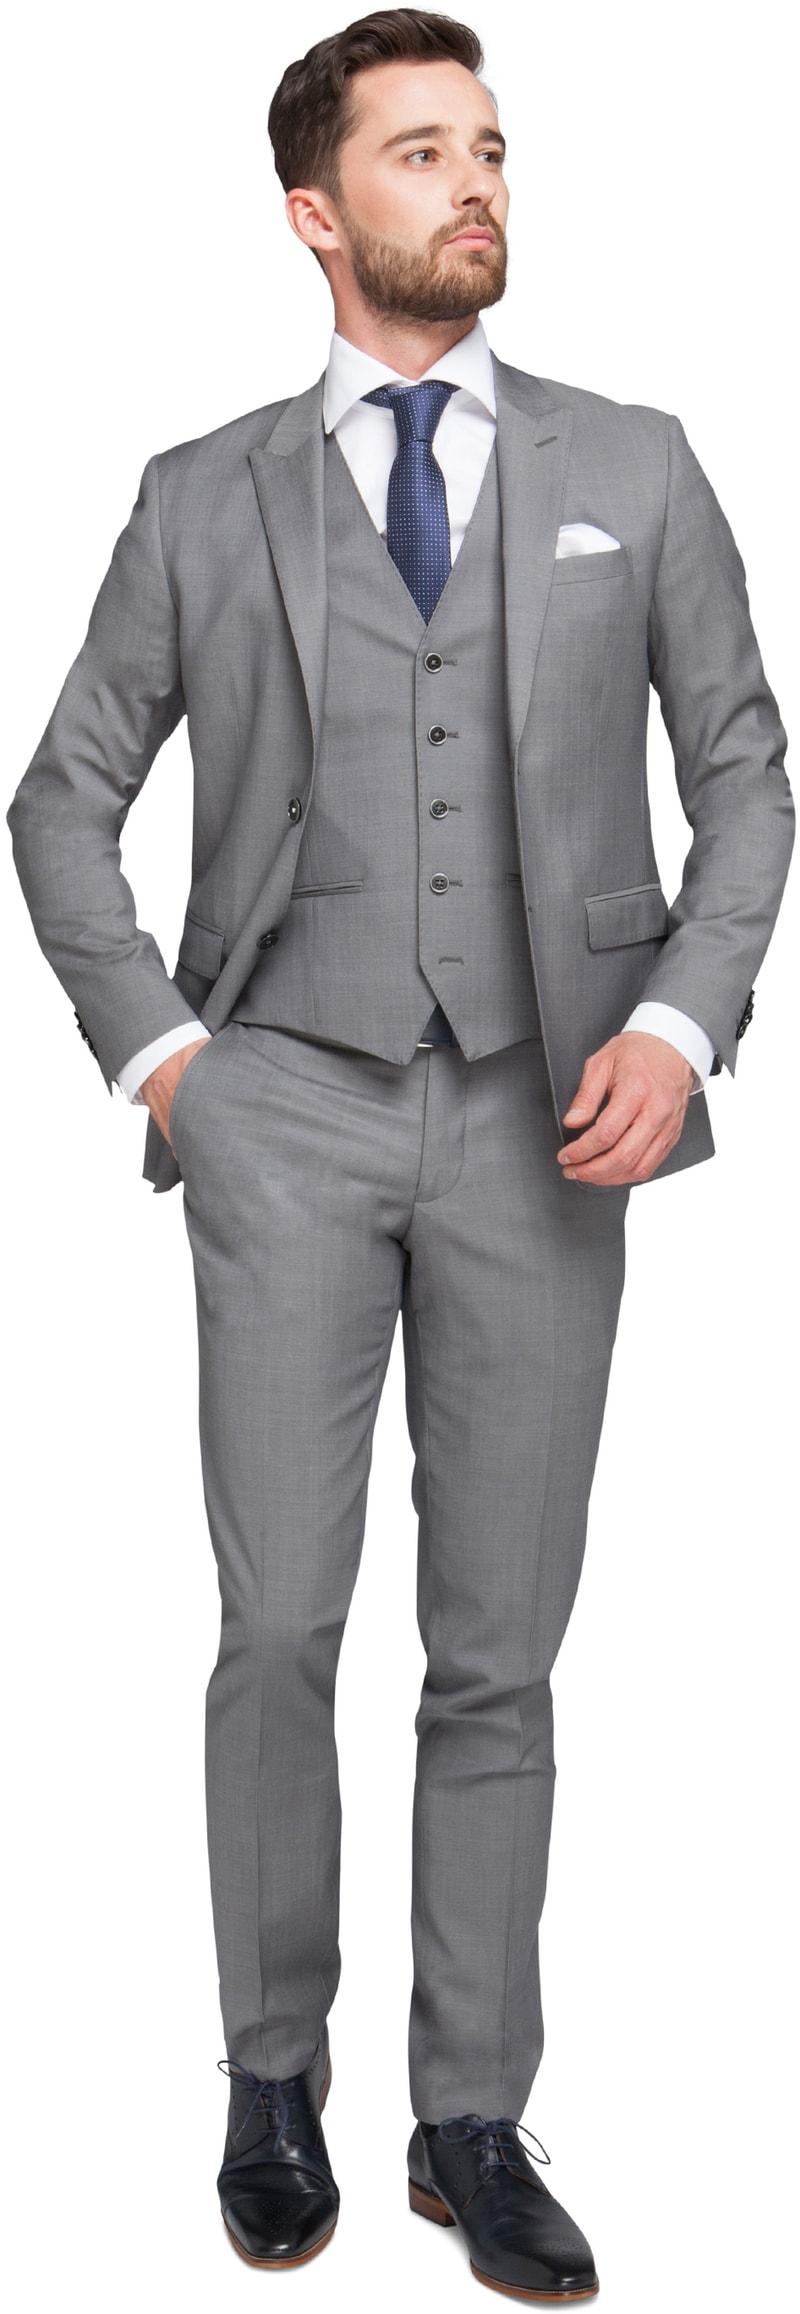 Grijs 3 Delig Kostuum  online bestellen | Suitable